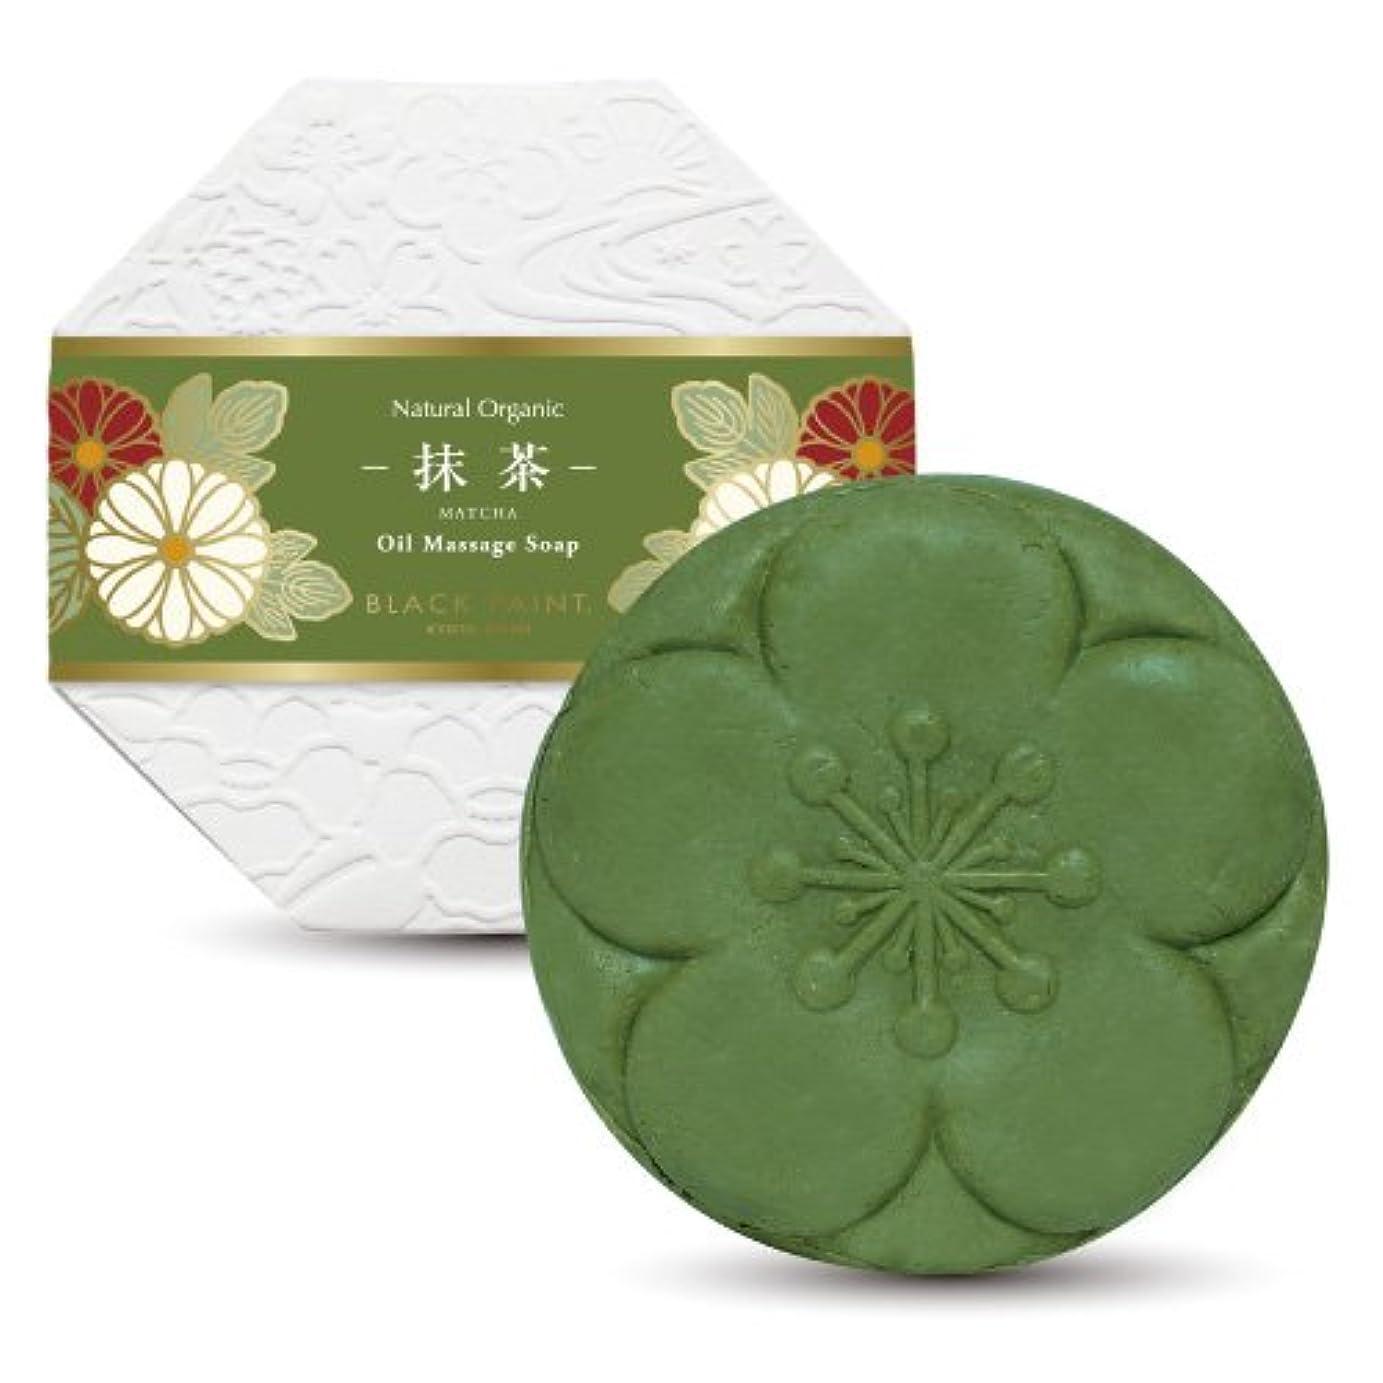 読書をするシャー代わりにを立てる京のお茶石鹸 抹茶 120g 塗る石鹸